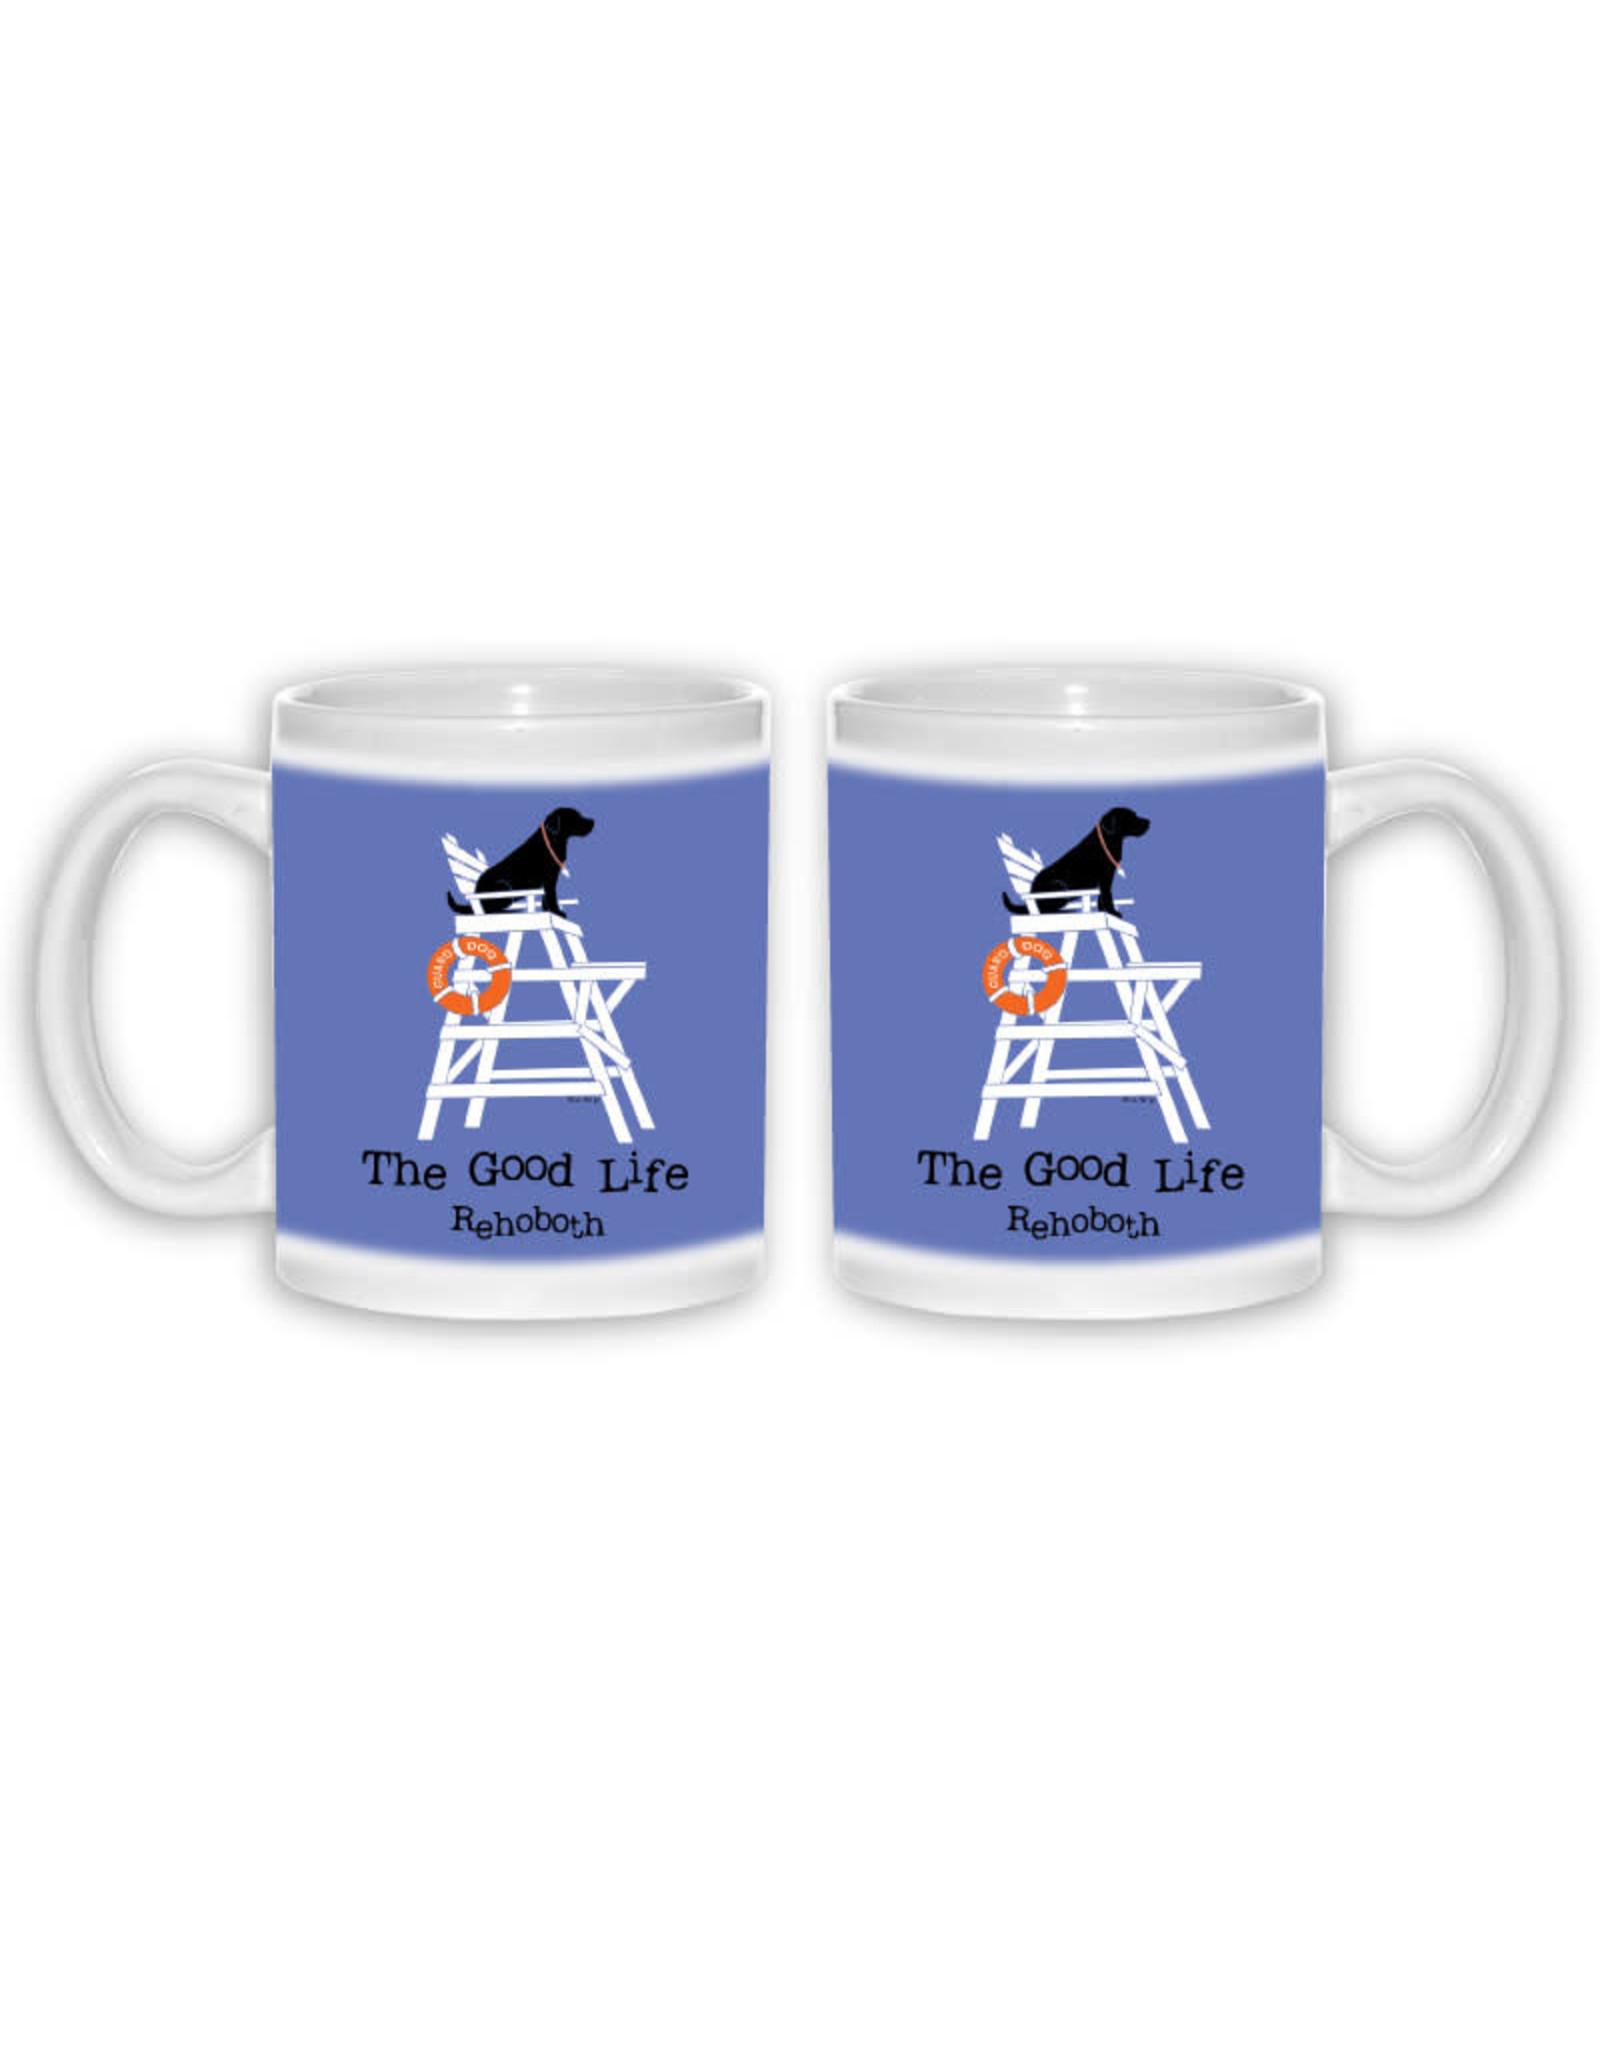 THE GOOD LIFE THE GOOD LIFE COFFEE MUG 11 OZ GUARD DOG